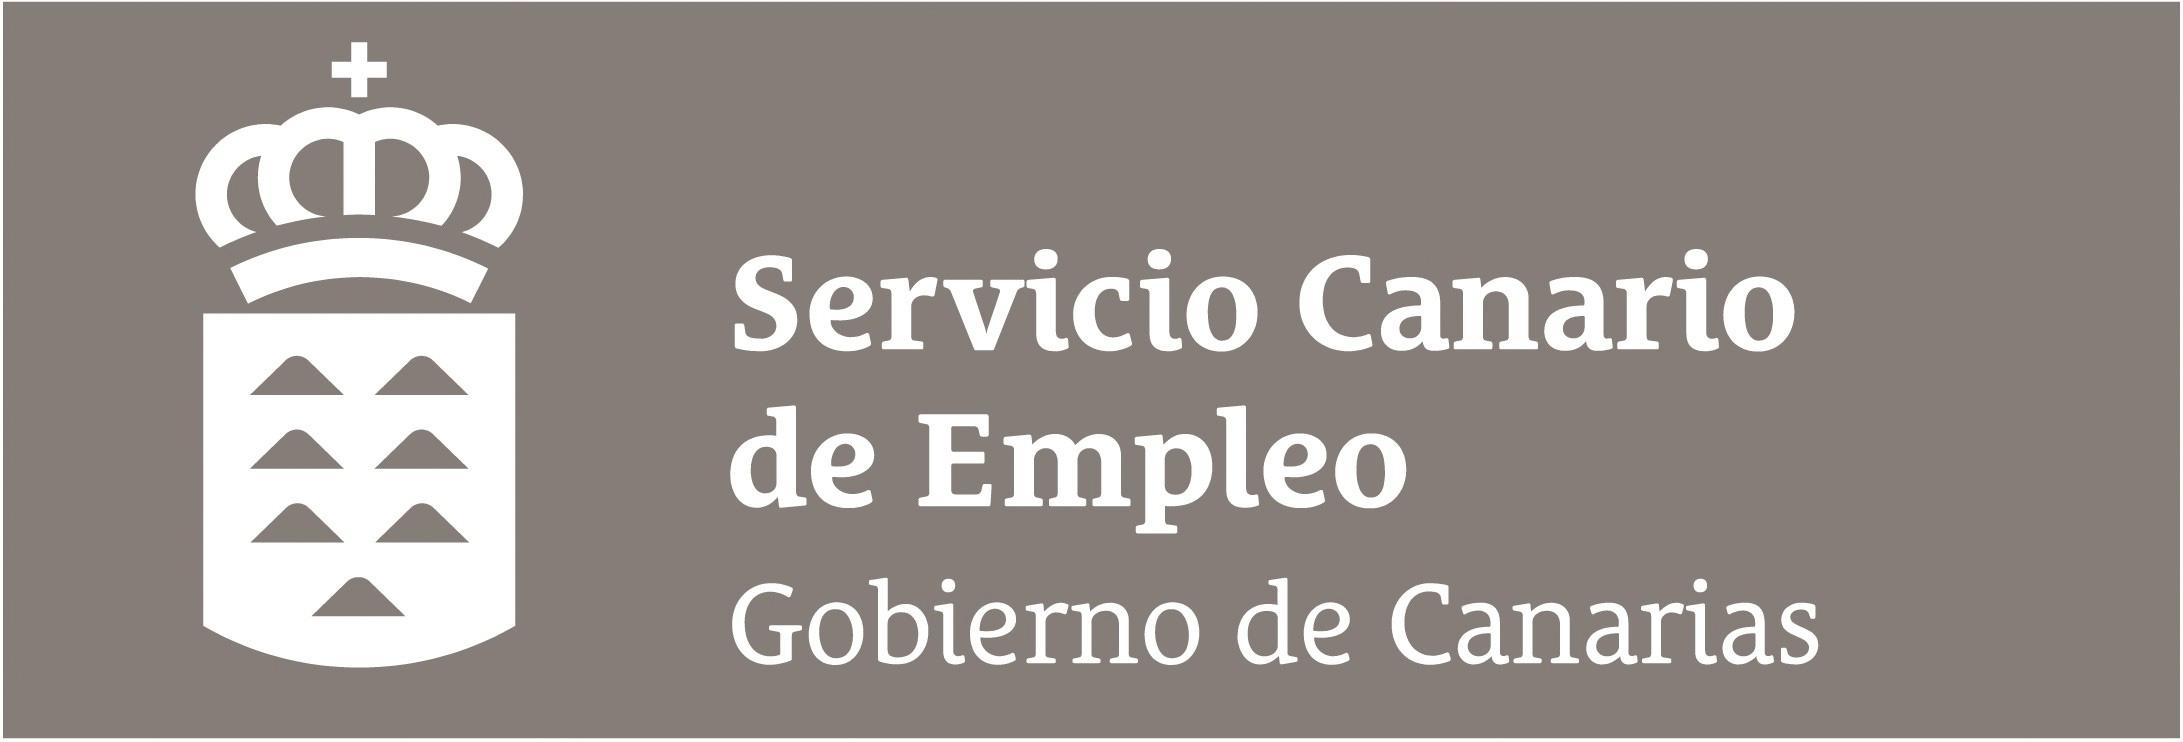 Logotipo Servicio Canario de Empleo